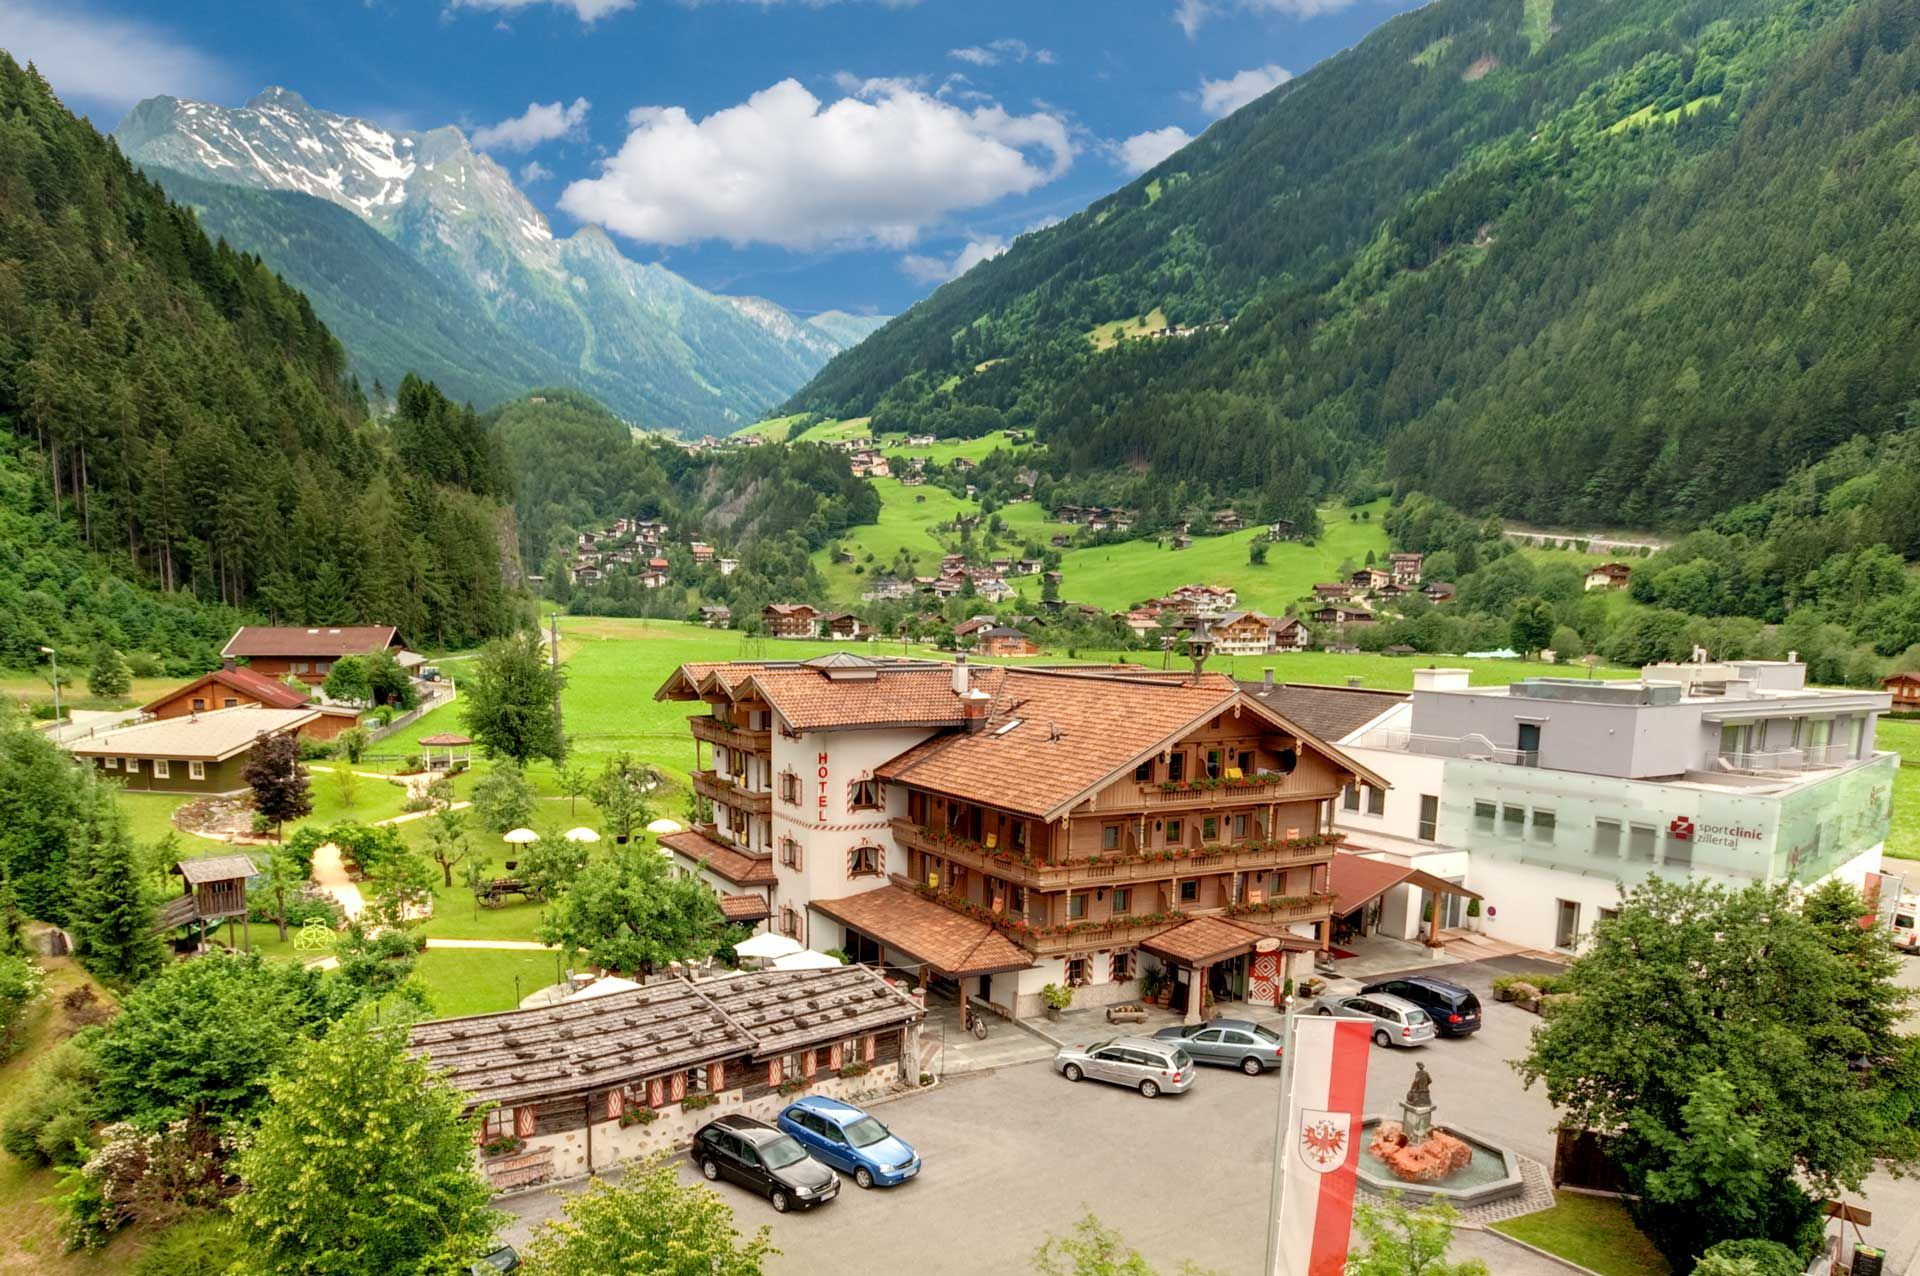 Single hotel mayrhofen